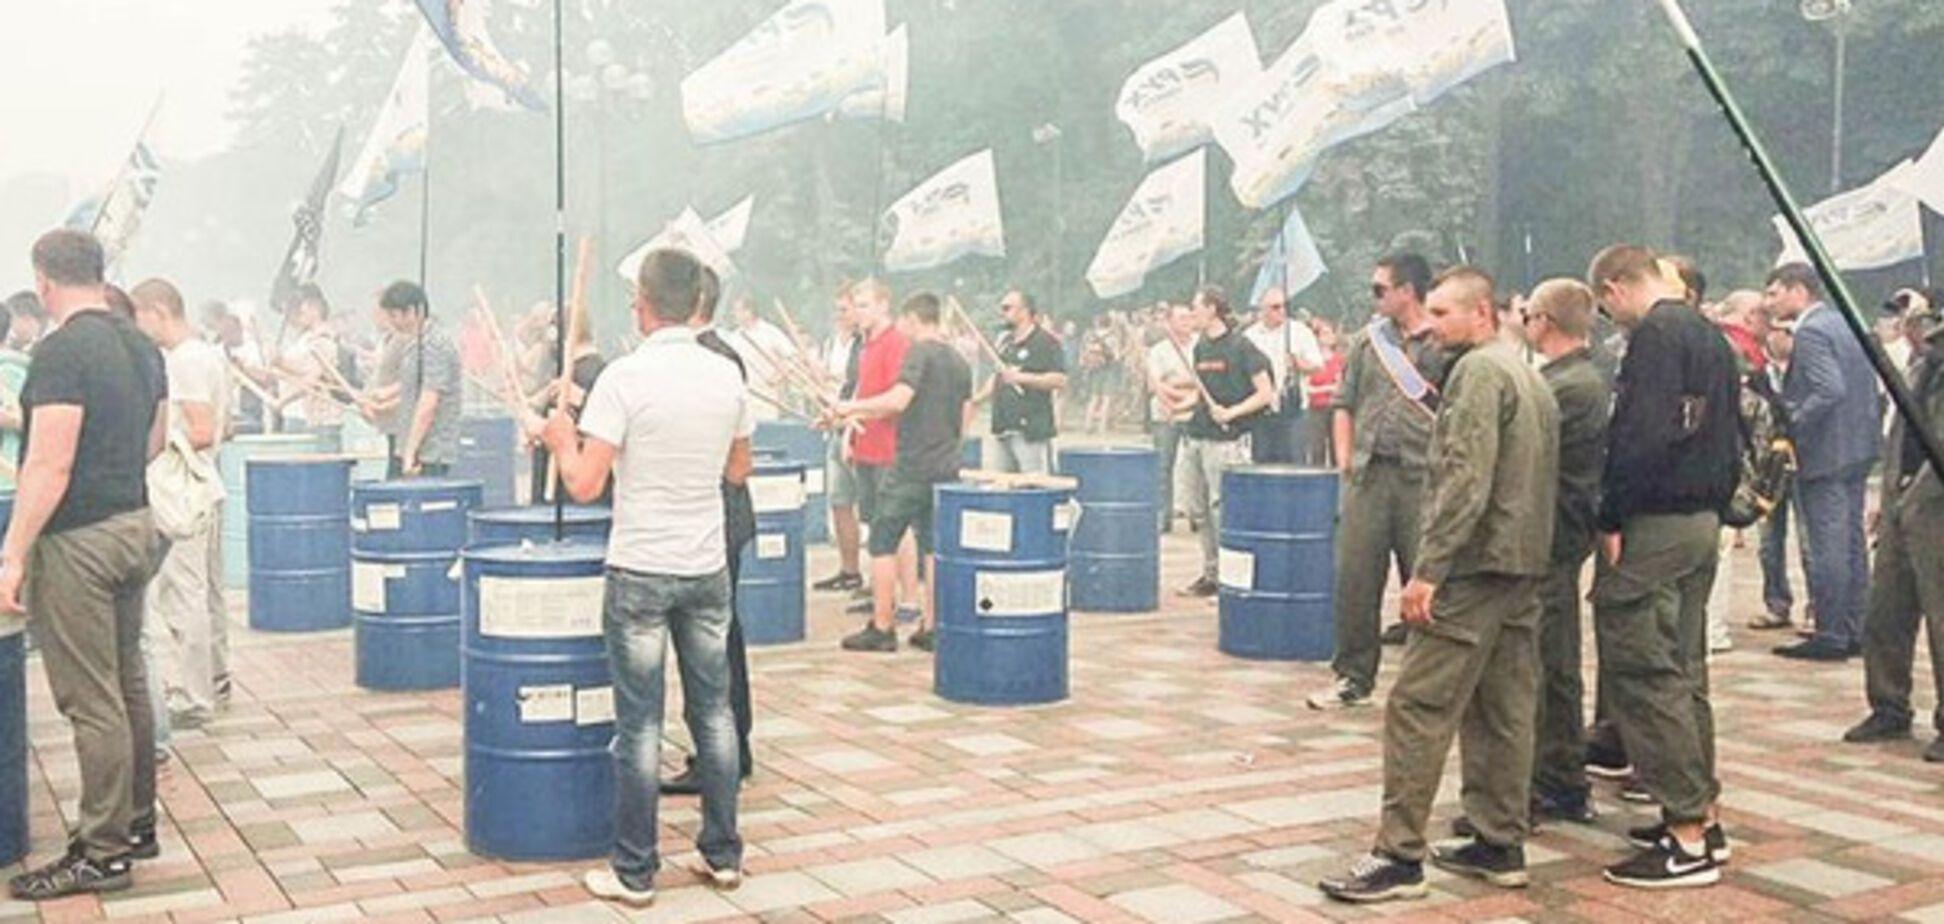 Проти імунітету нардепів: з'явилися фото та відео протестів під Радою